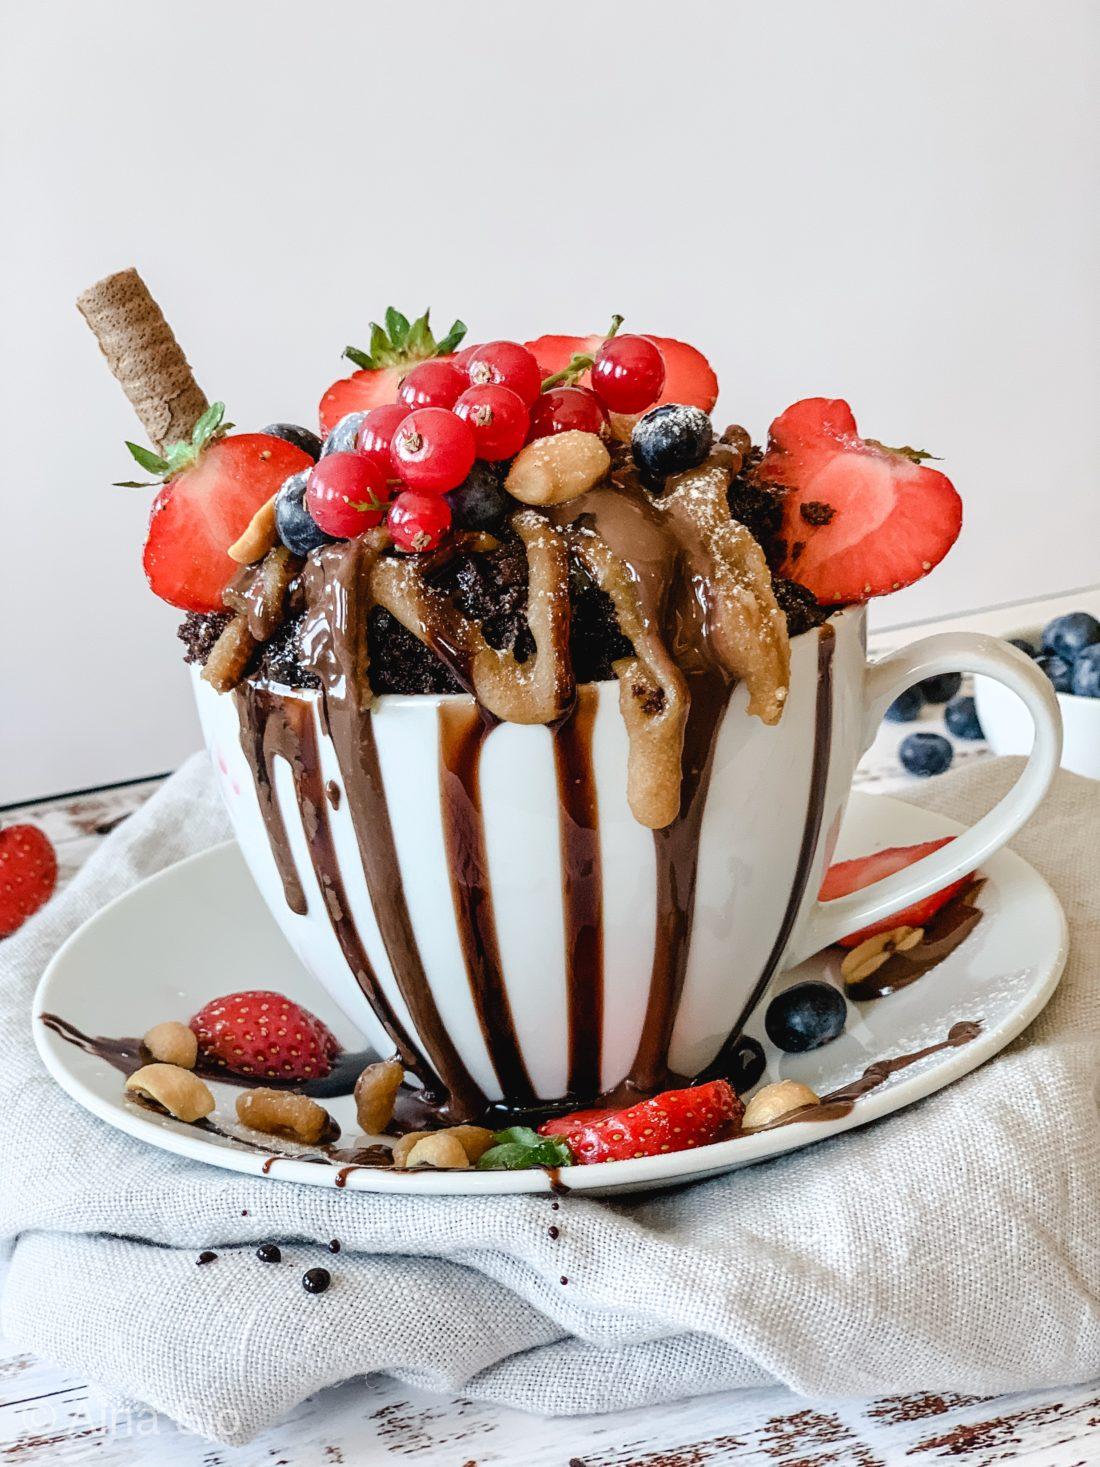 Kake i kopp dekket i rennende sjokolade og friske bær på kun 5 min.